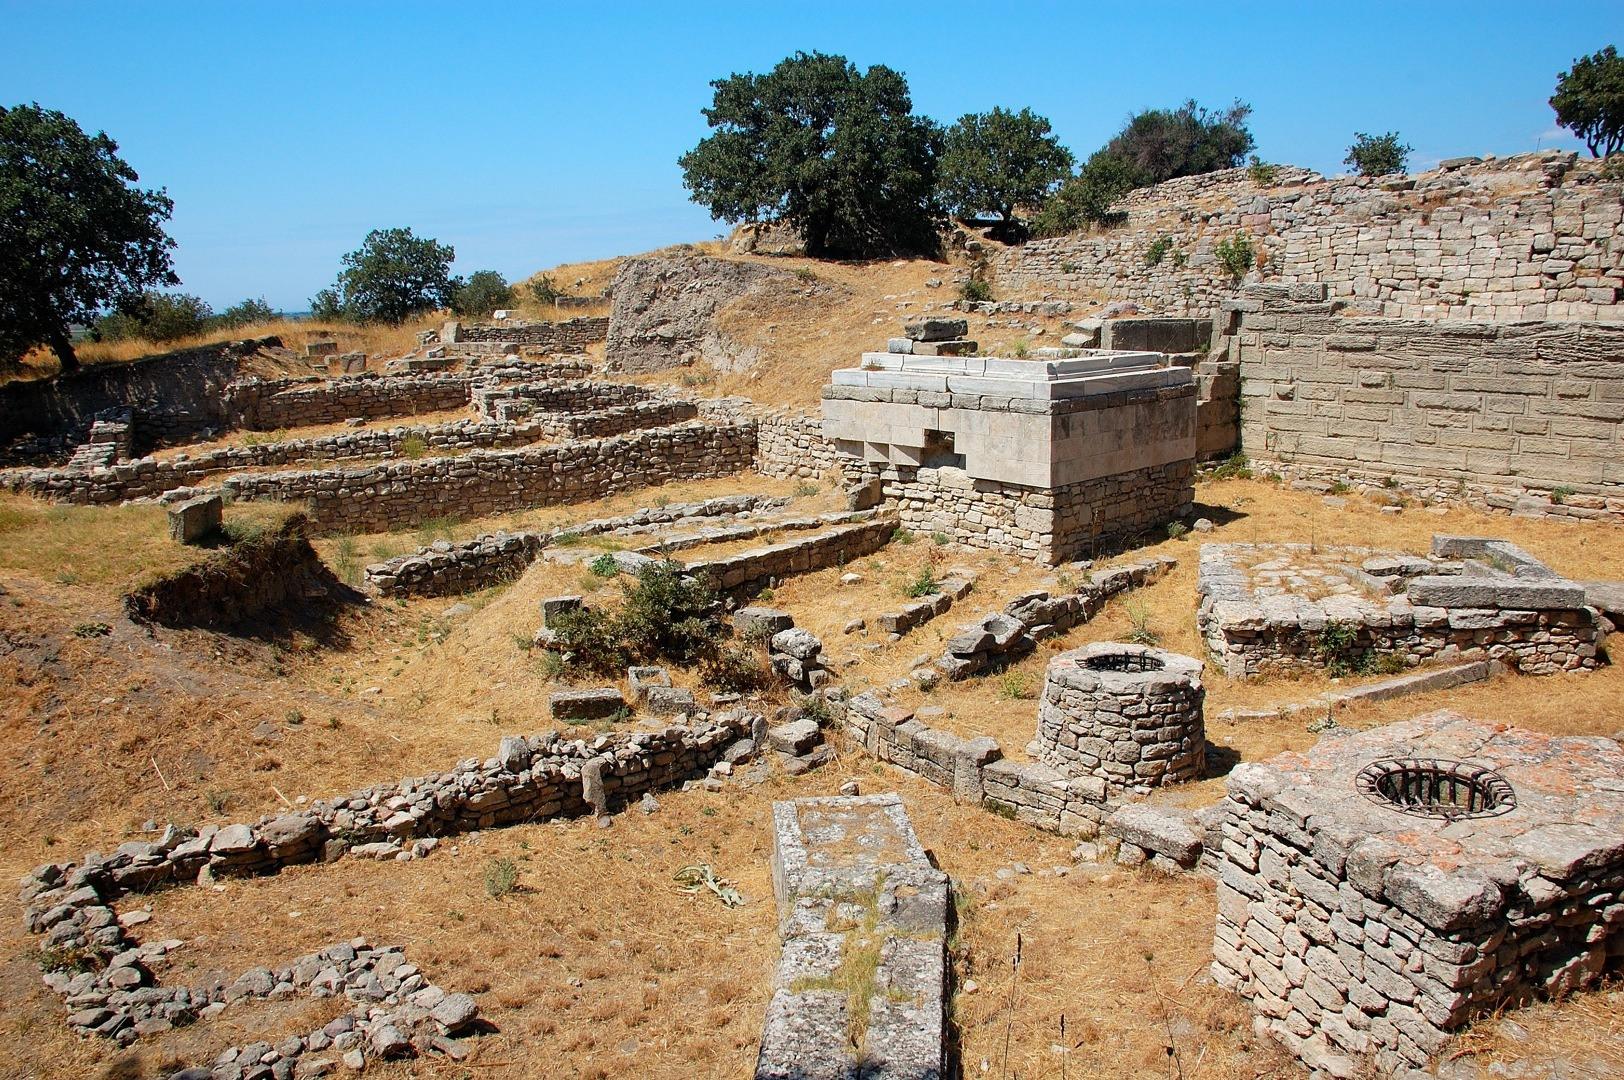 В Турции обнаружили древнюю крепость Урарту